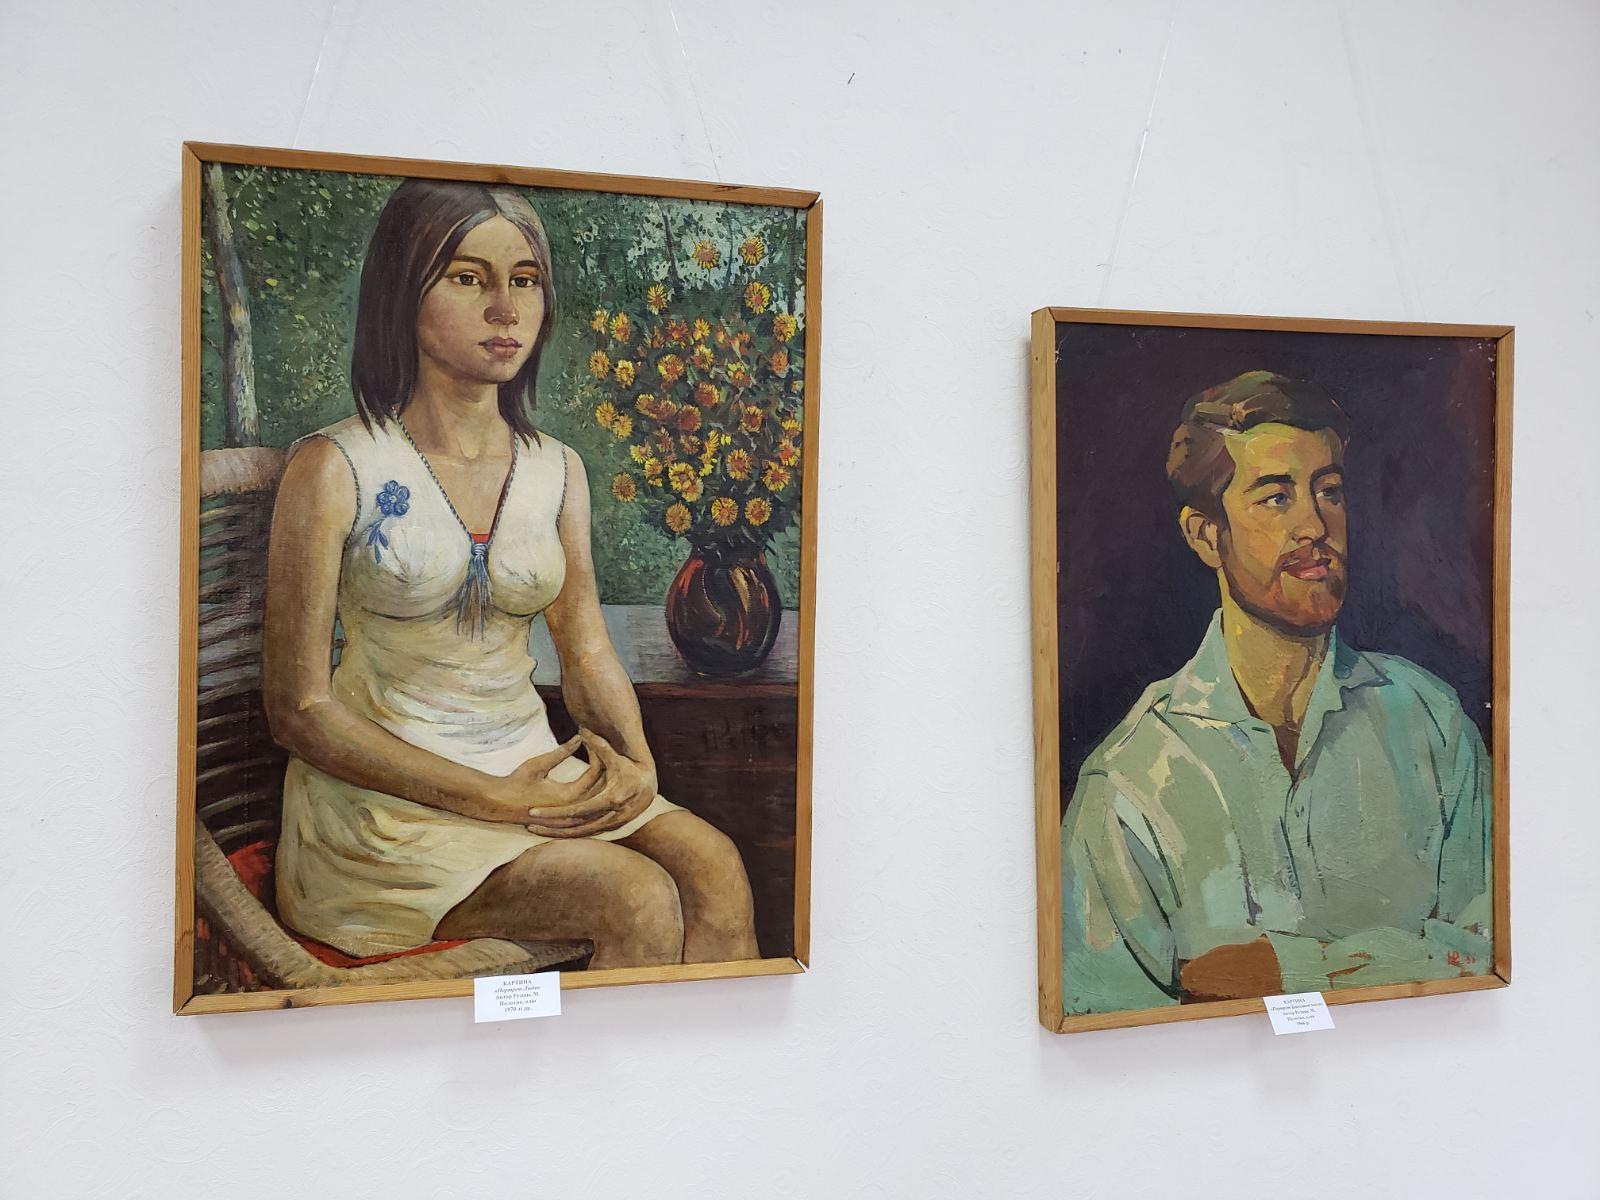 Виставка художніх робіт з фондів Броварського краєзнавчого музею (фото, відео) -  - yzobrazhenye viber 2020 01 11 17 12 3043